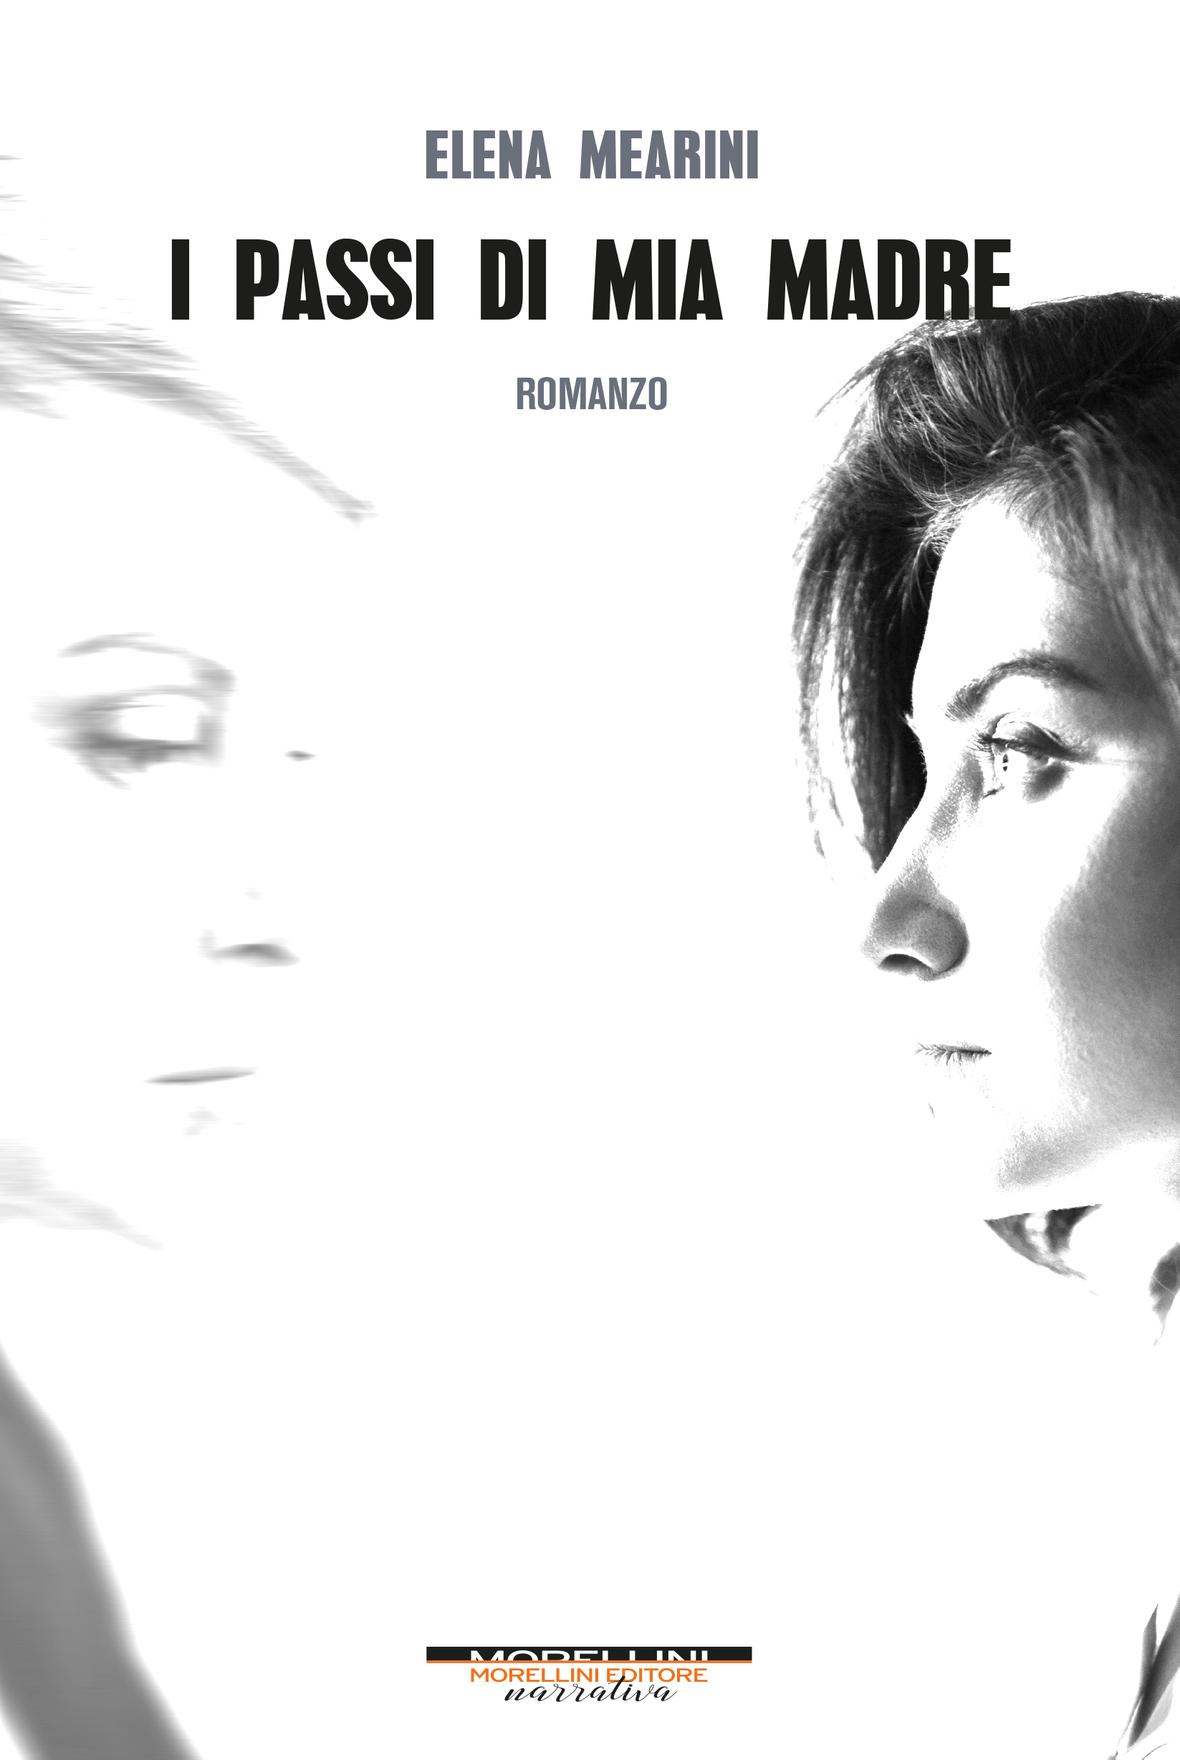 i-passi-di-mia-madre,-il-nuovo-romanzo-di-elena-mearini.